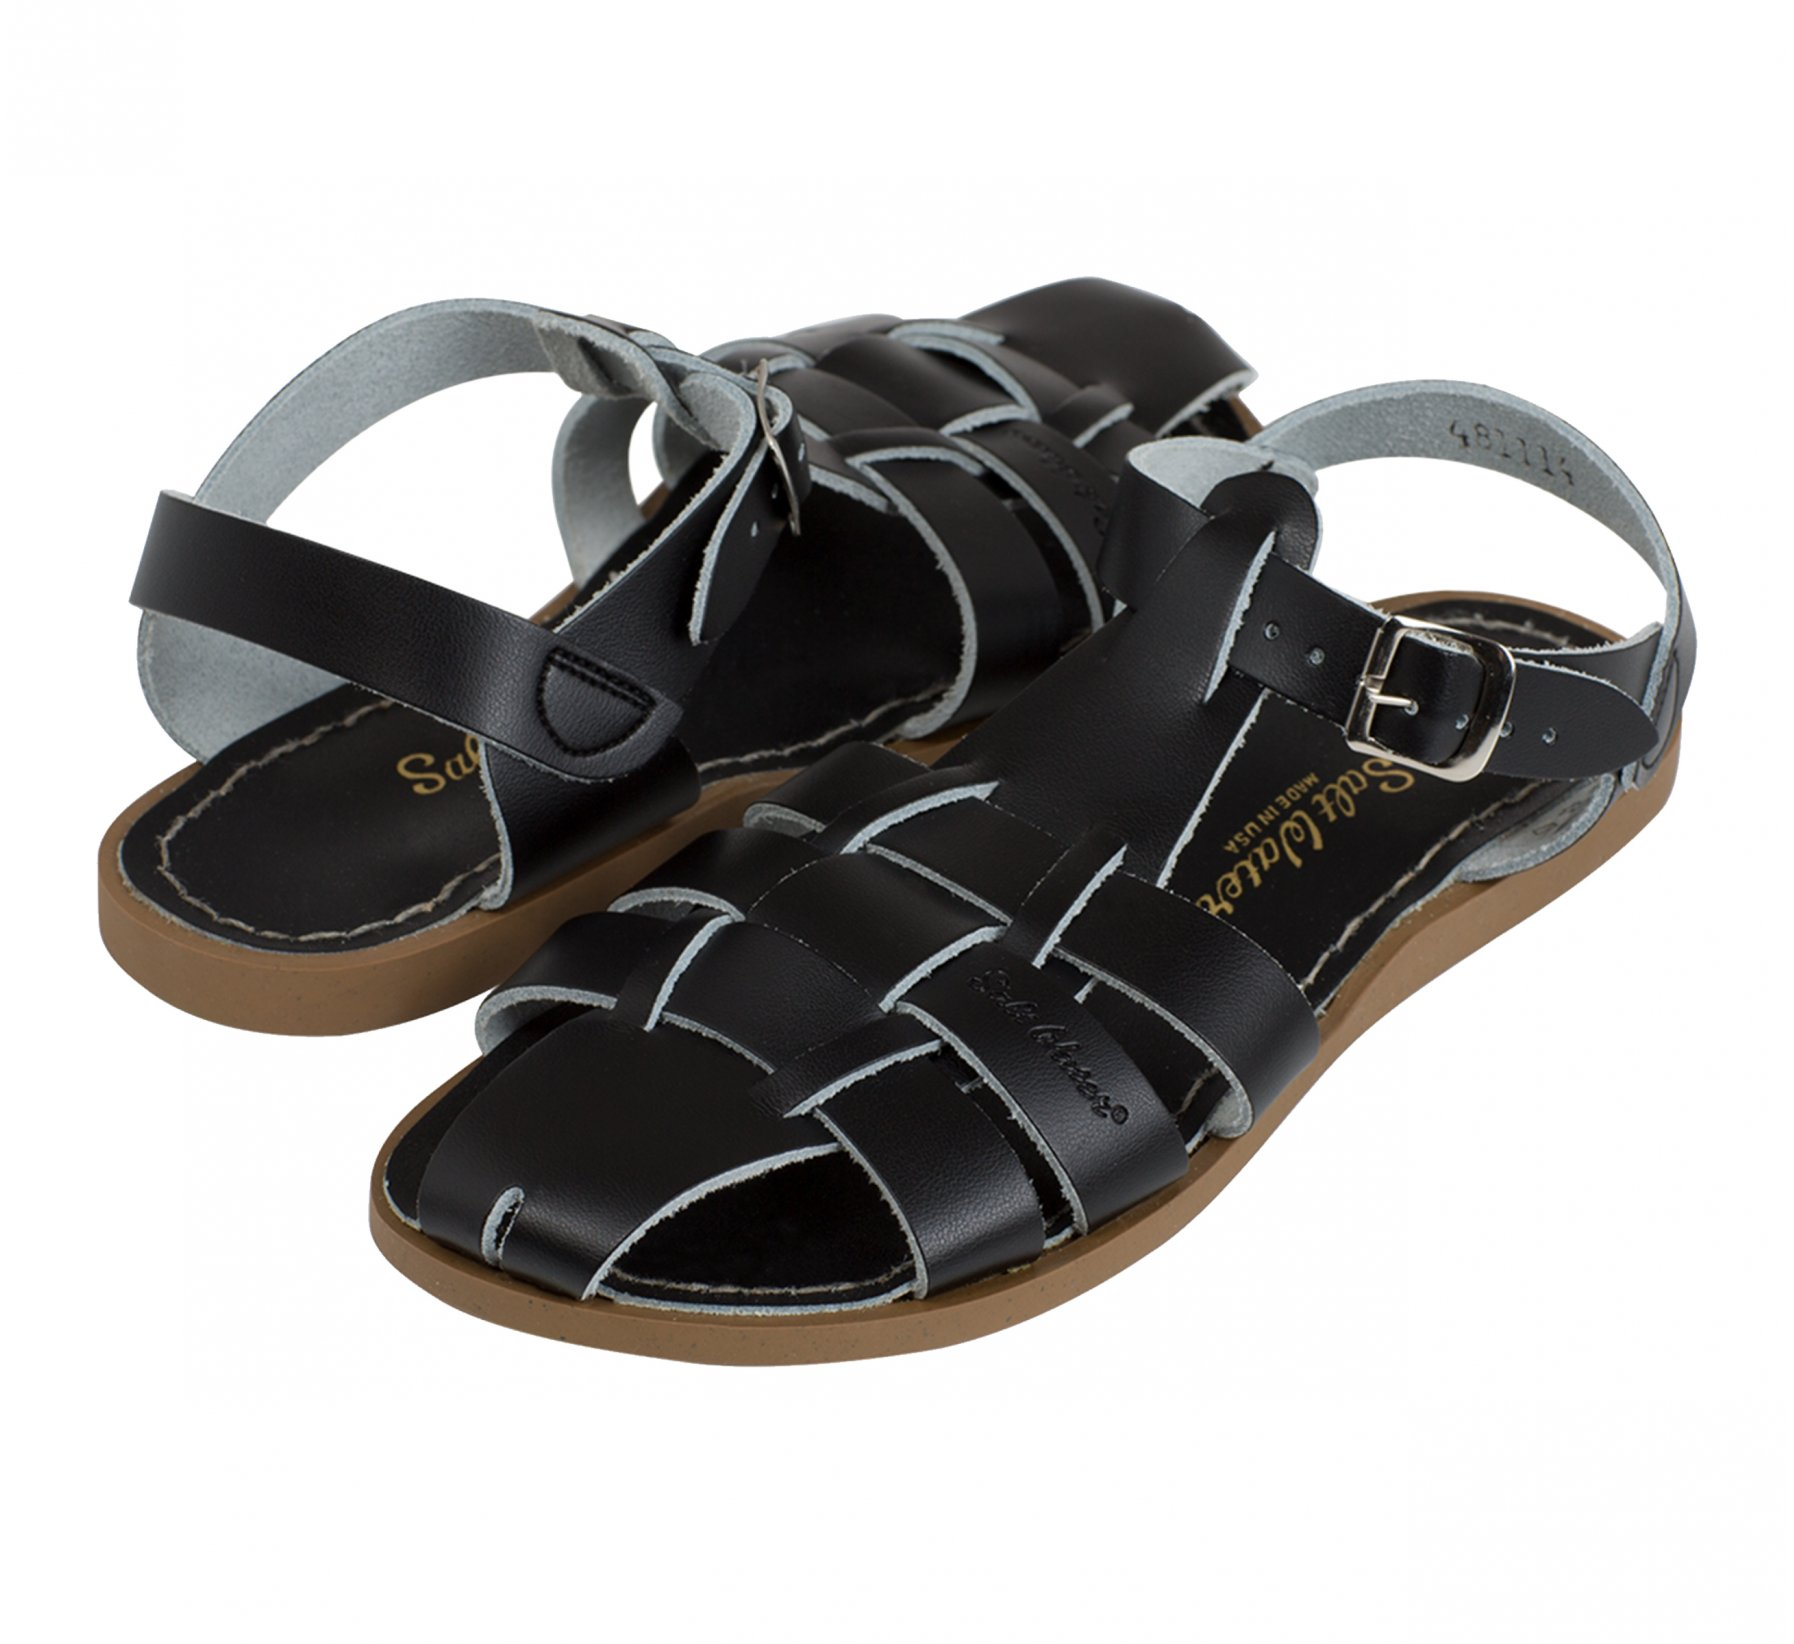 Shark Original Hitam - Salt Water Sandals